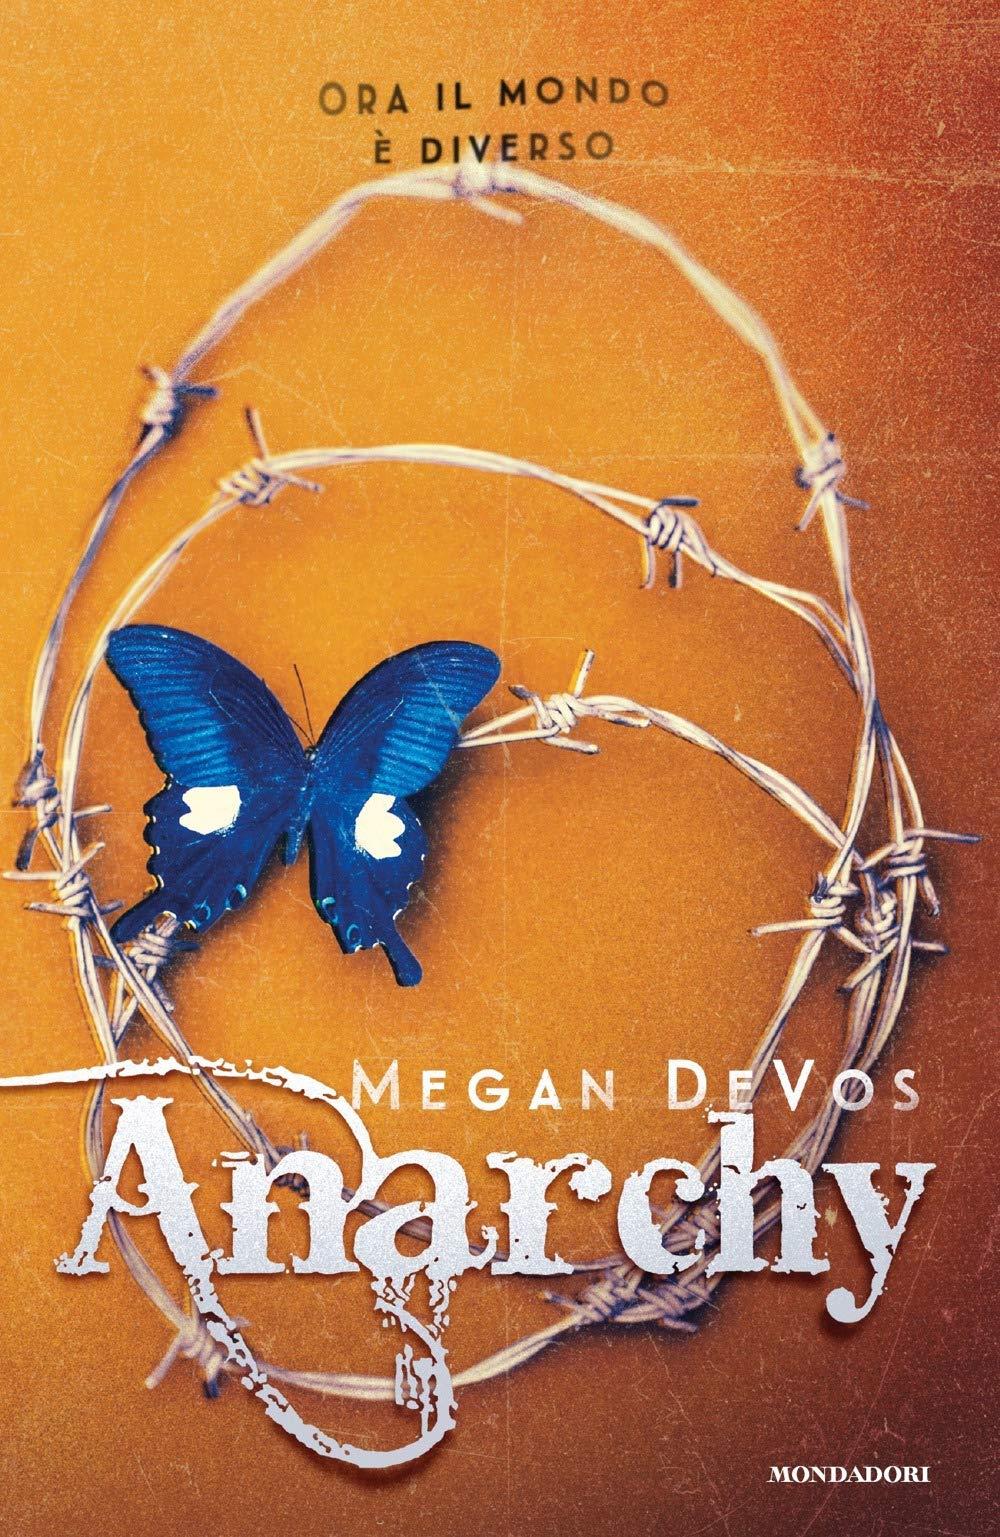 Risultati immagini per anarchylibro